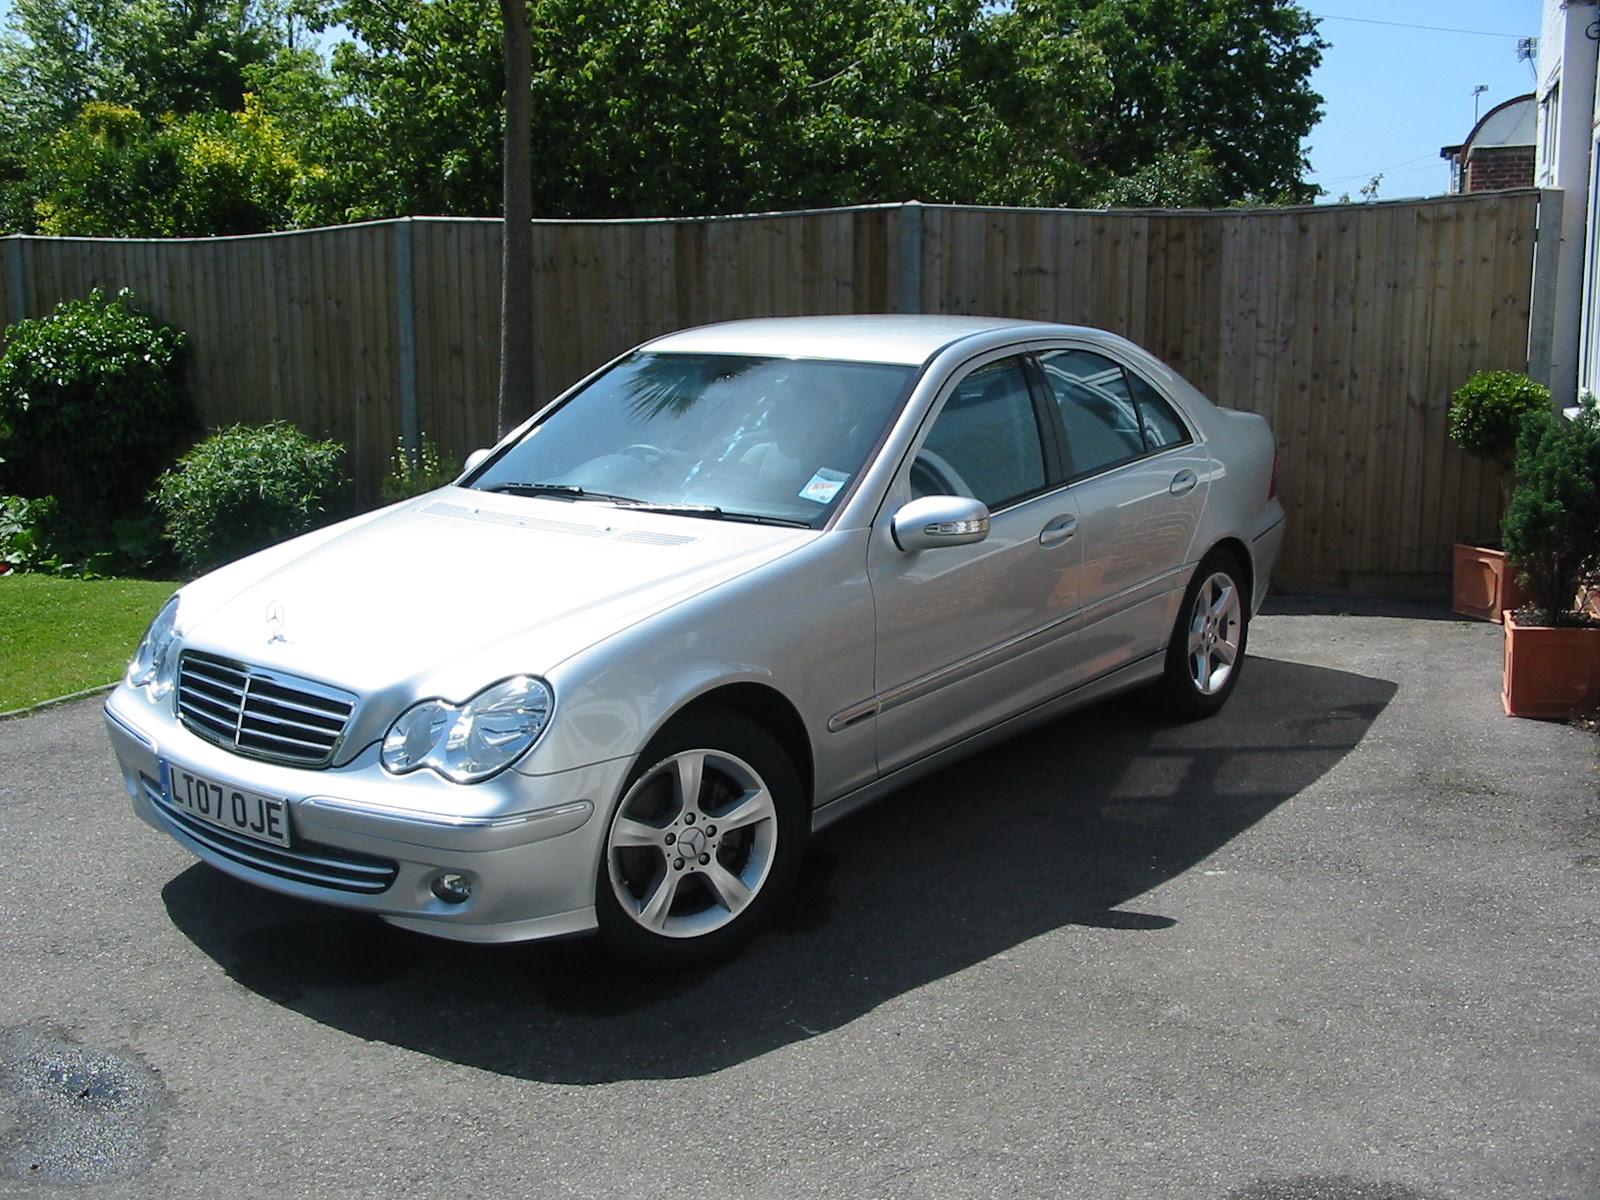 2007 Mercedes-Benz C-Class - Pictures - CarGurus